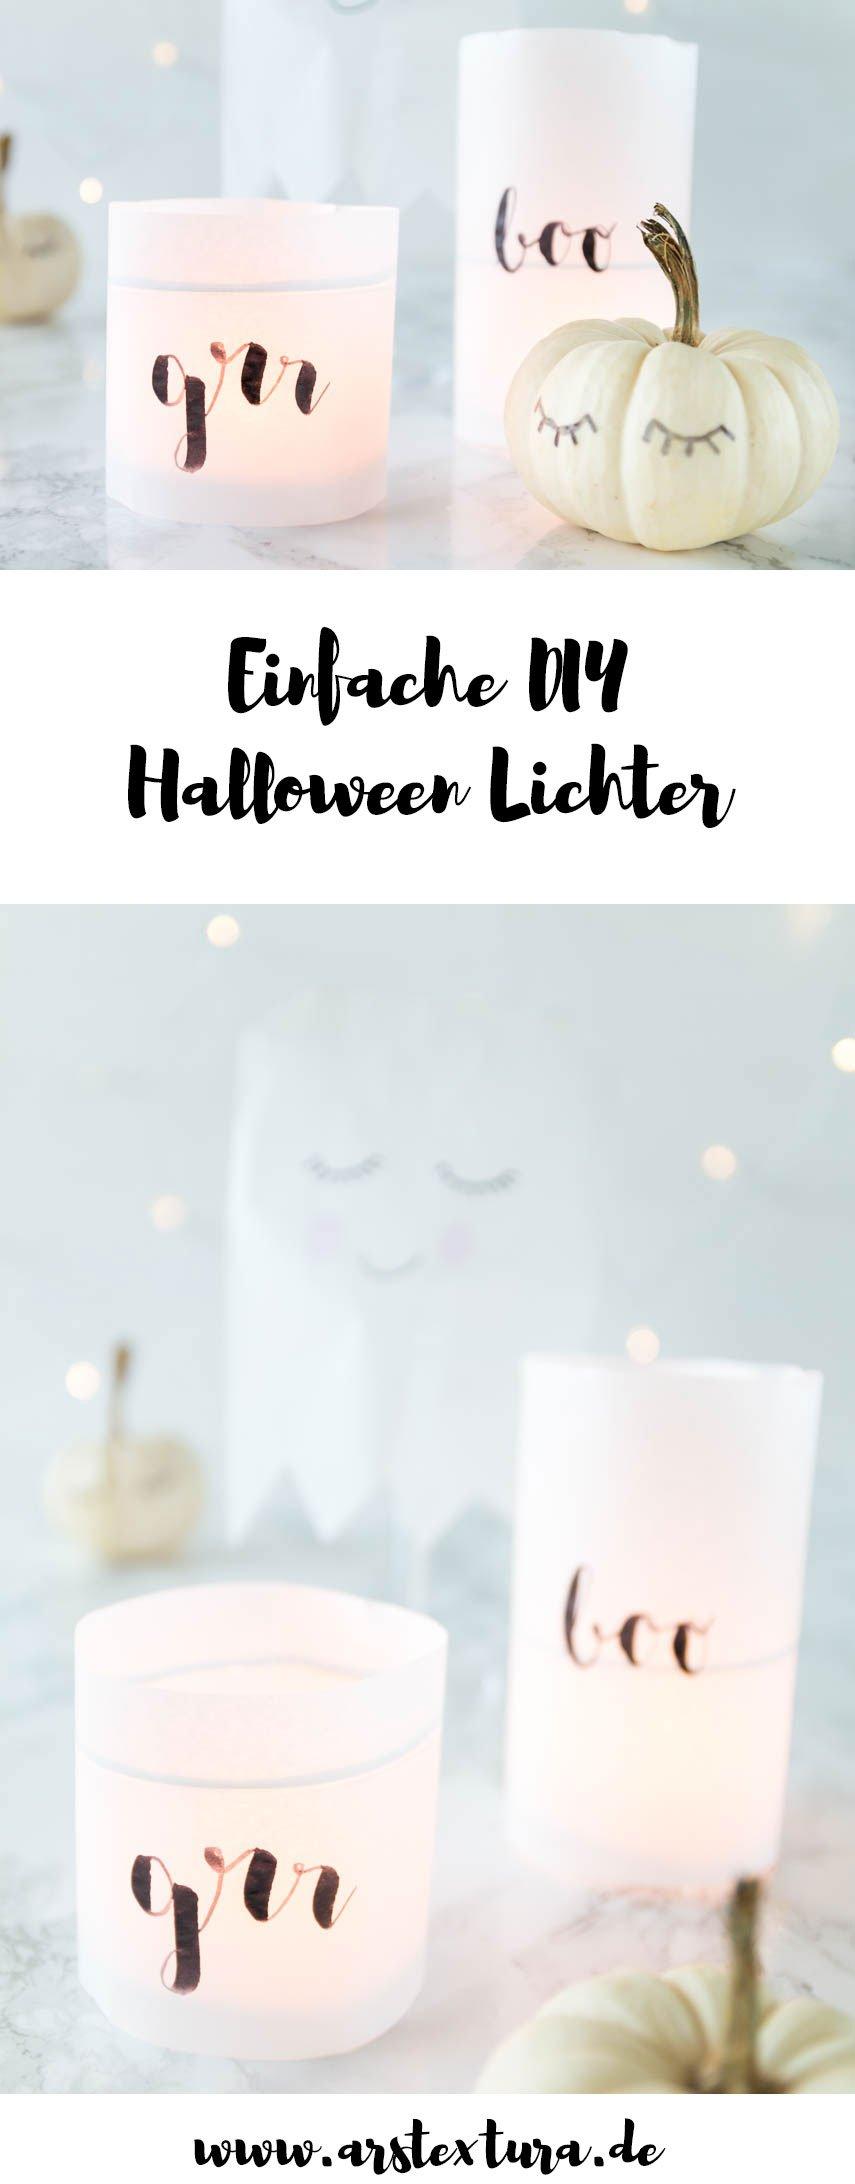 Halloween Deko basteln - Windlichter aus Brotpapier